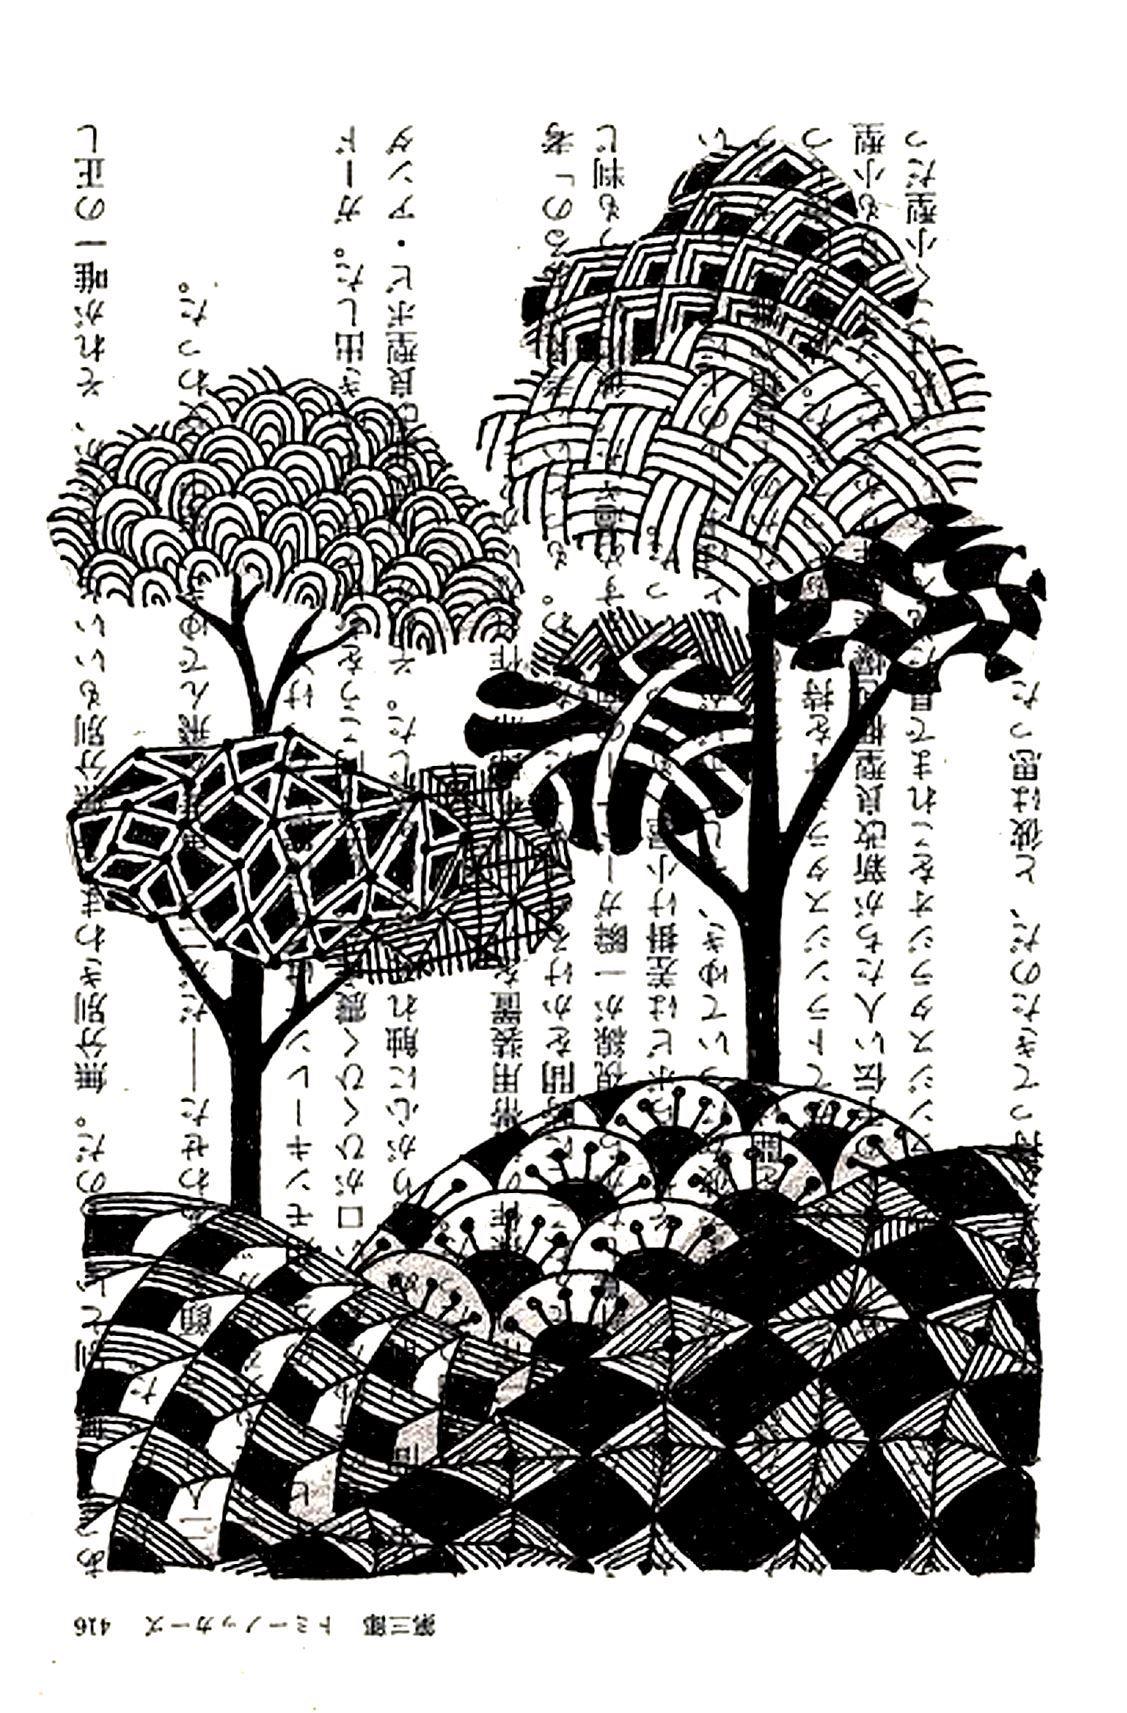 Galerie de coloriages gratuits coloriage dessin style chinois arbres encre